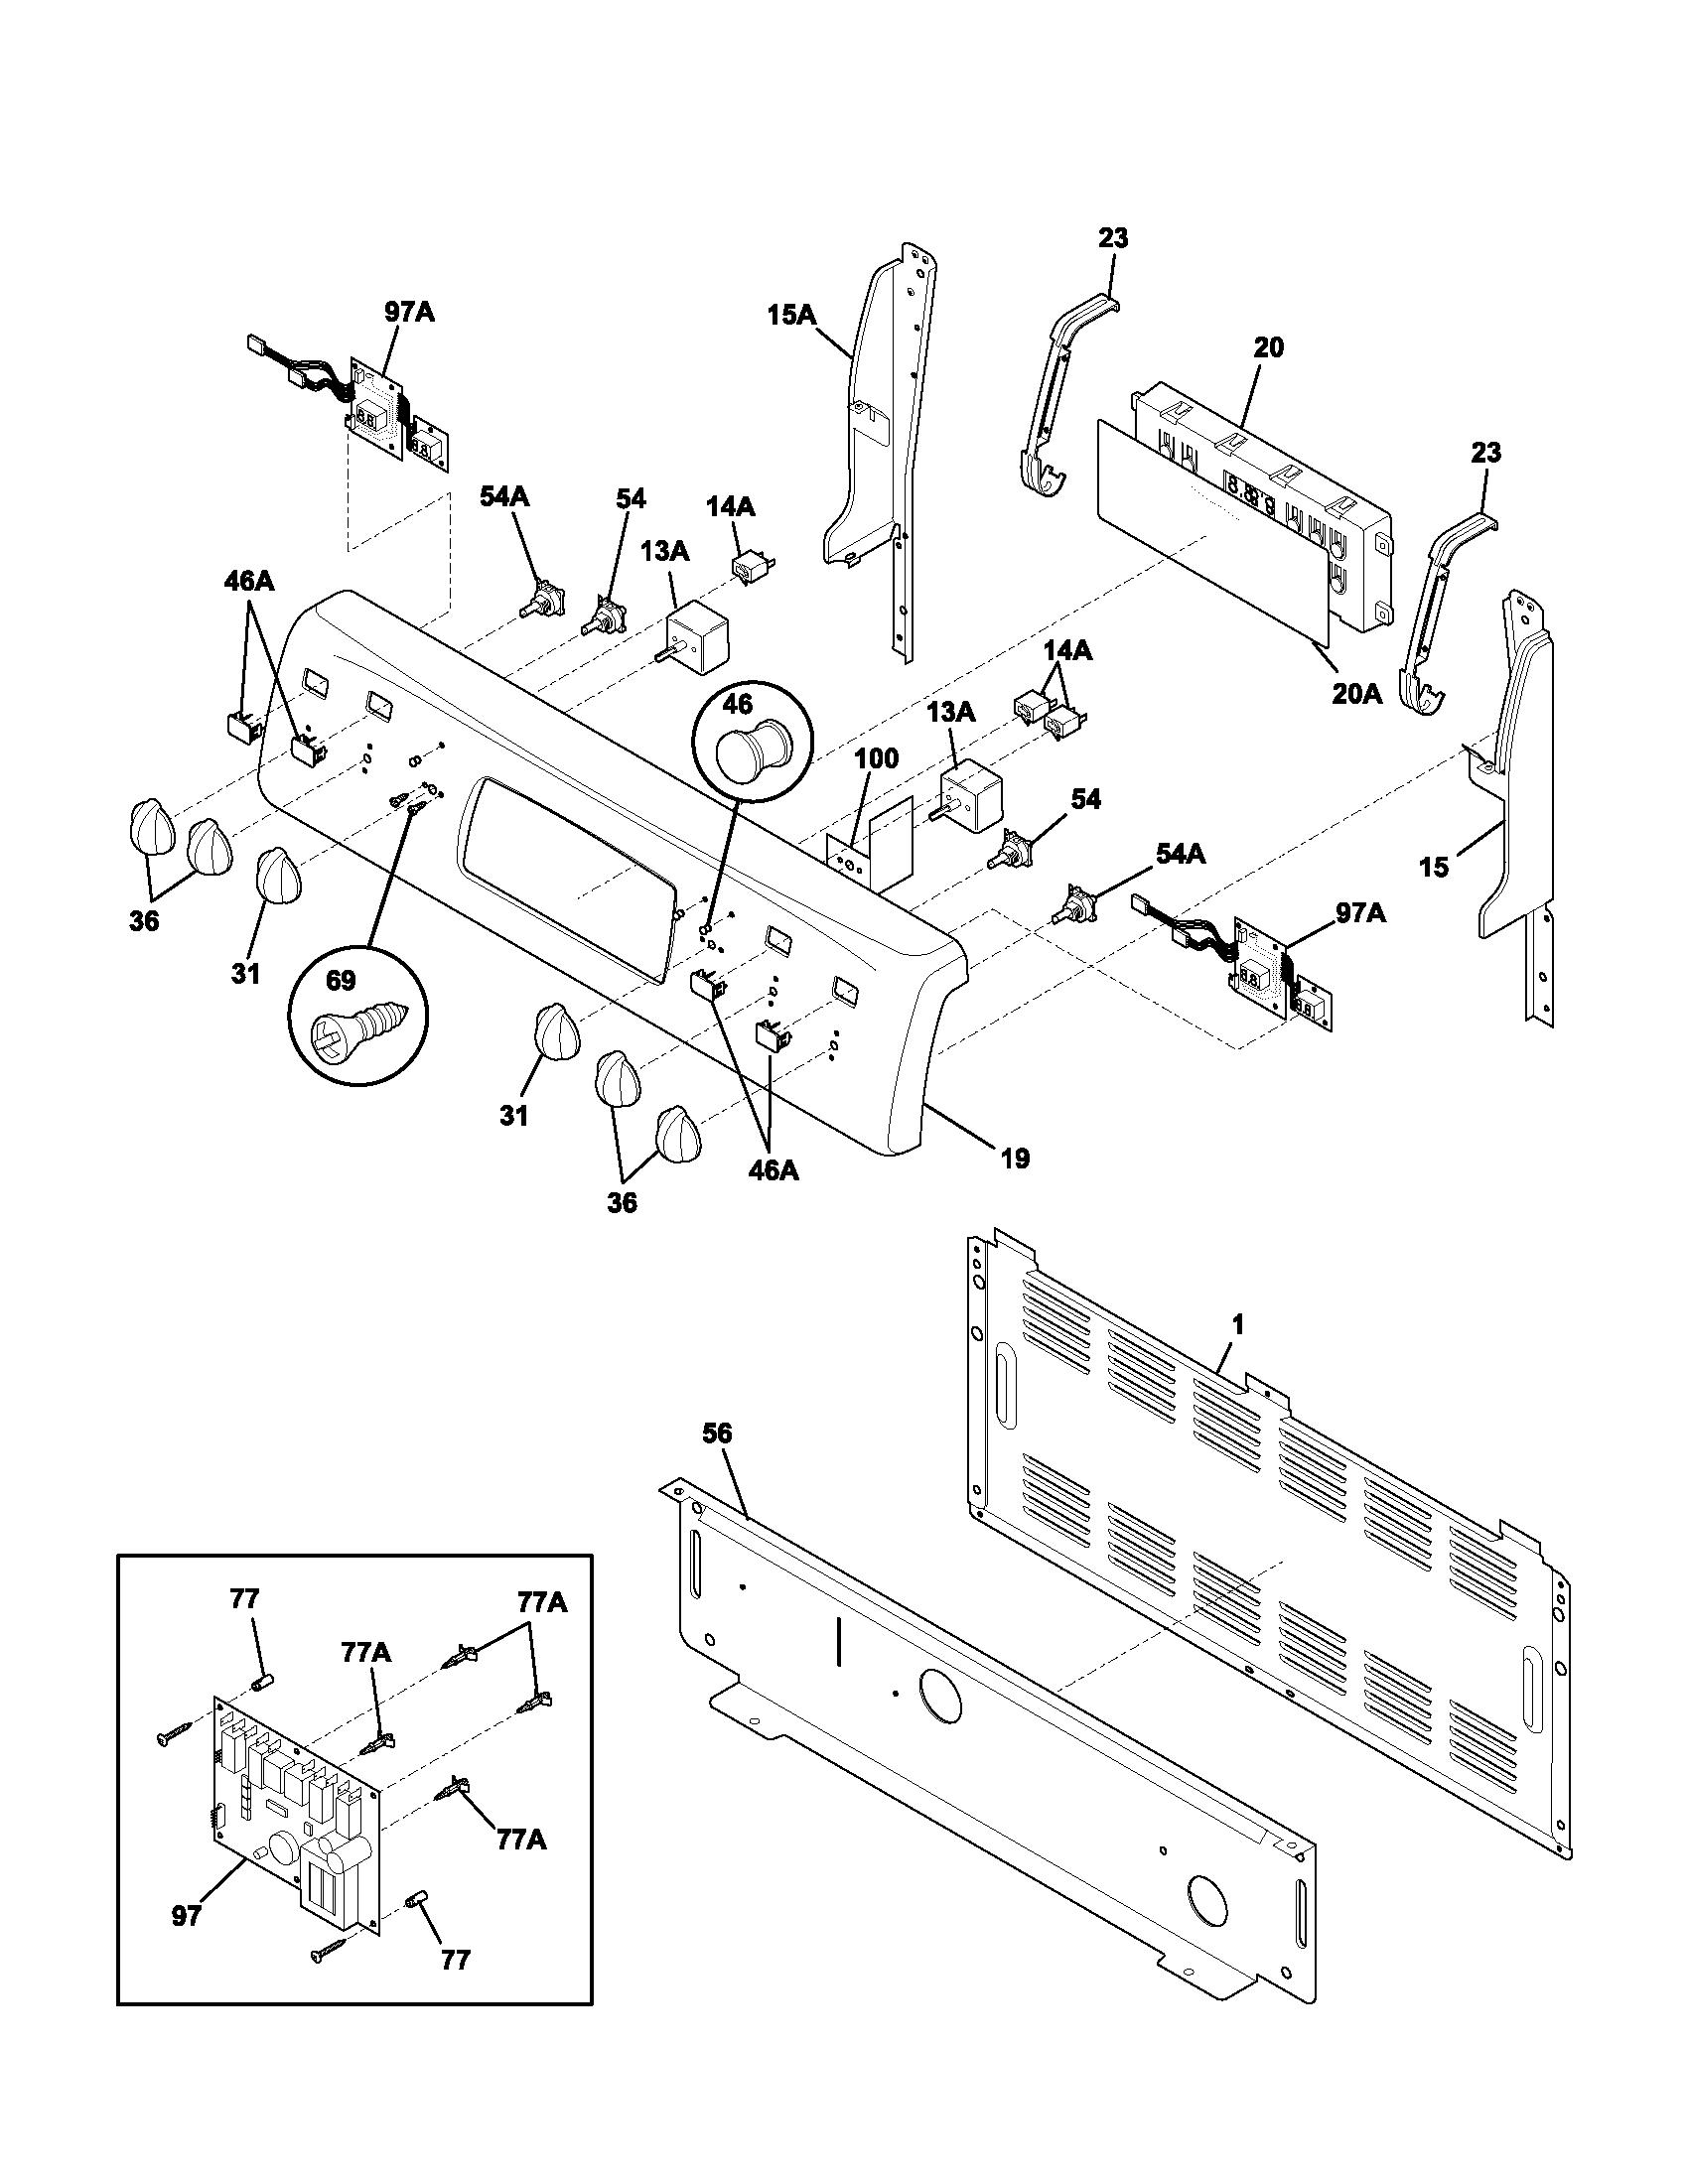 Plef398ccc electric range backguard parts diagram